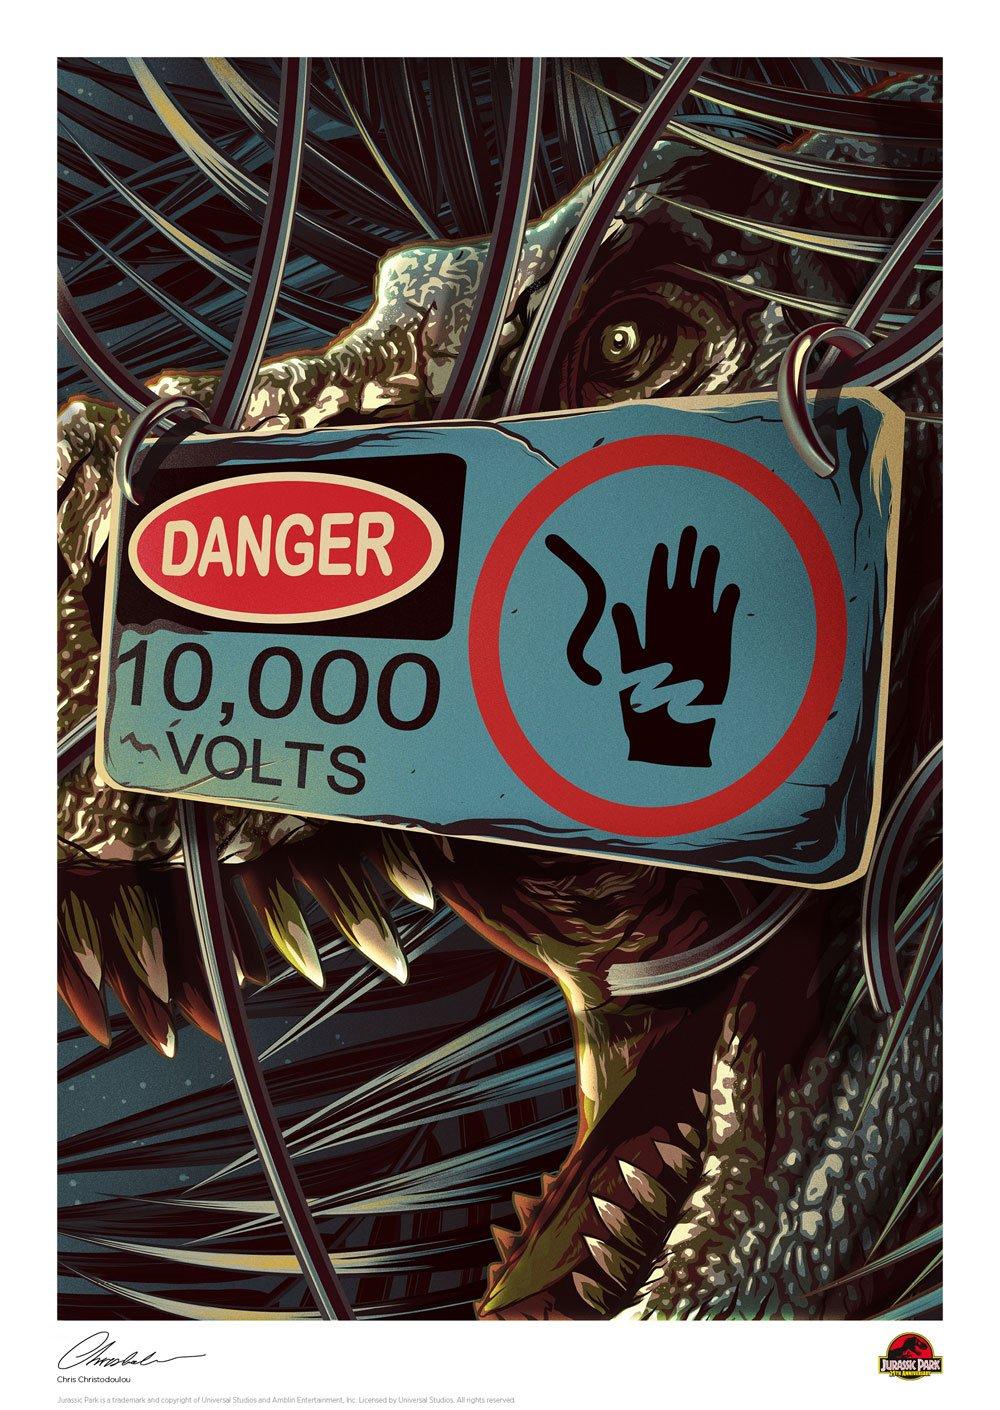 Jurassic Park Art Print Danger 42 x 30 cm